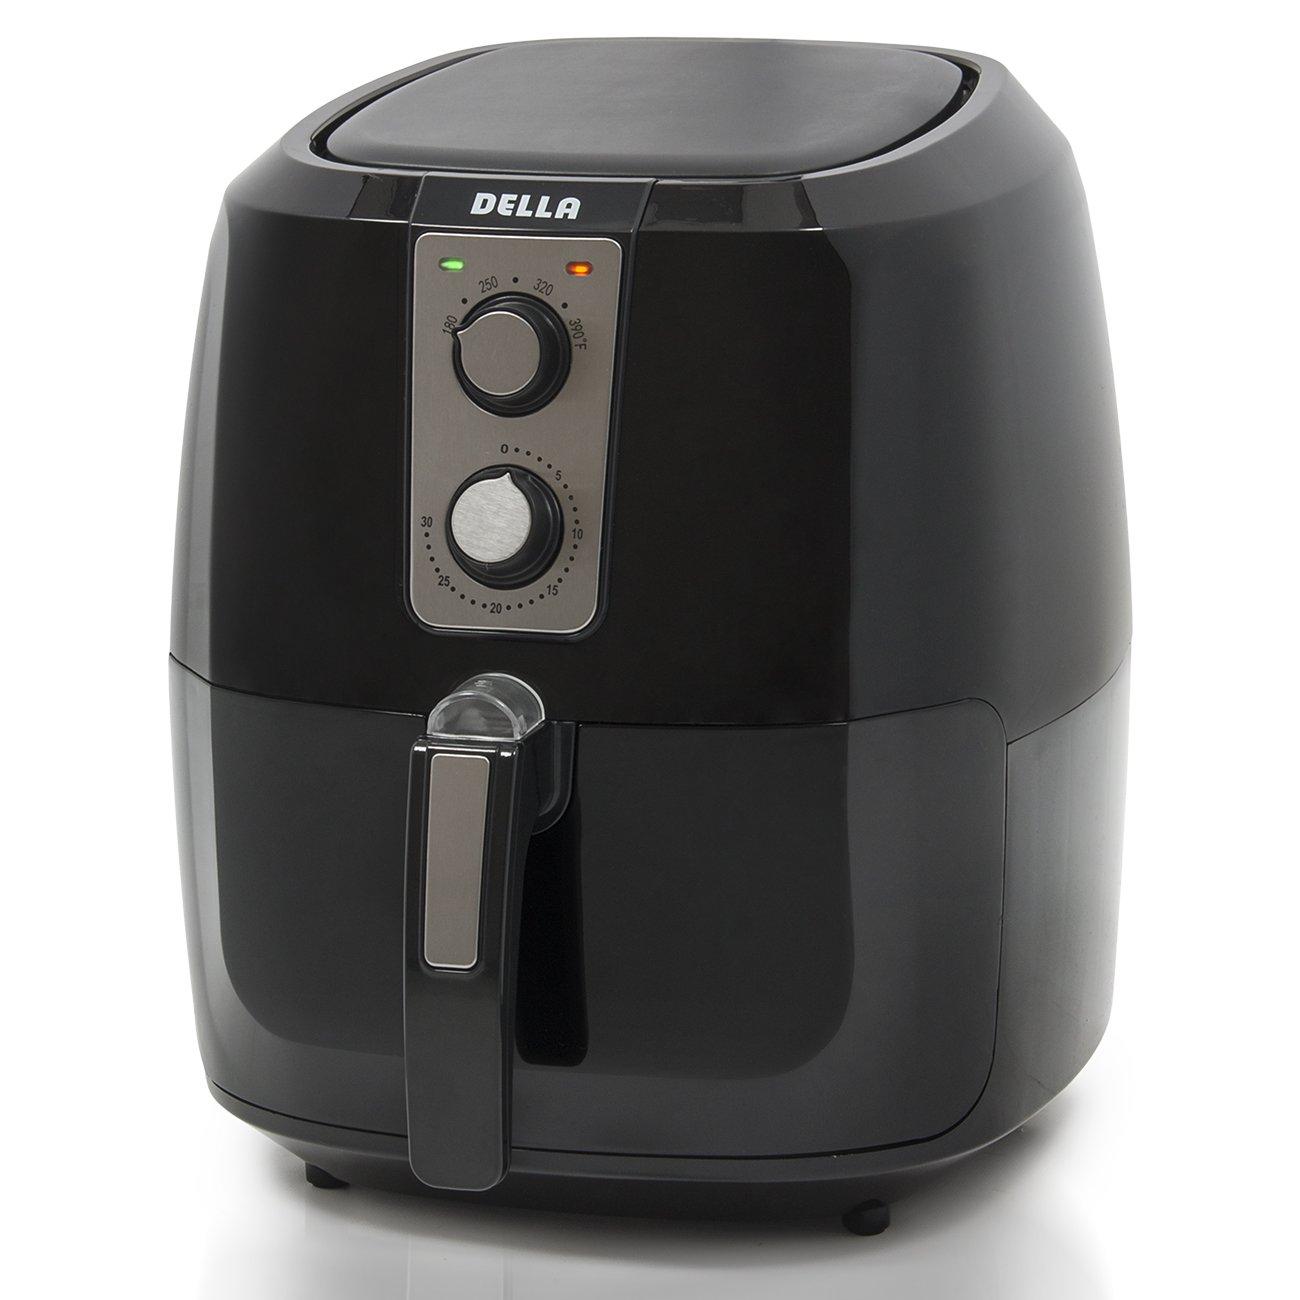 Della XL Electric Air Fryer Button Guard & Detachable Basket Large Portable No-Oil Low Fat- Black 5.8 QT, 1800W